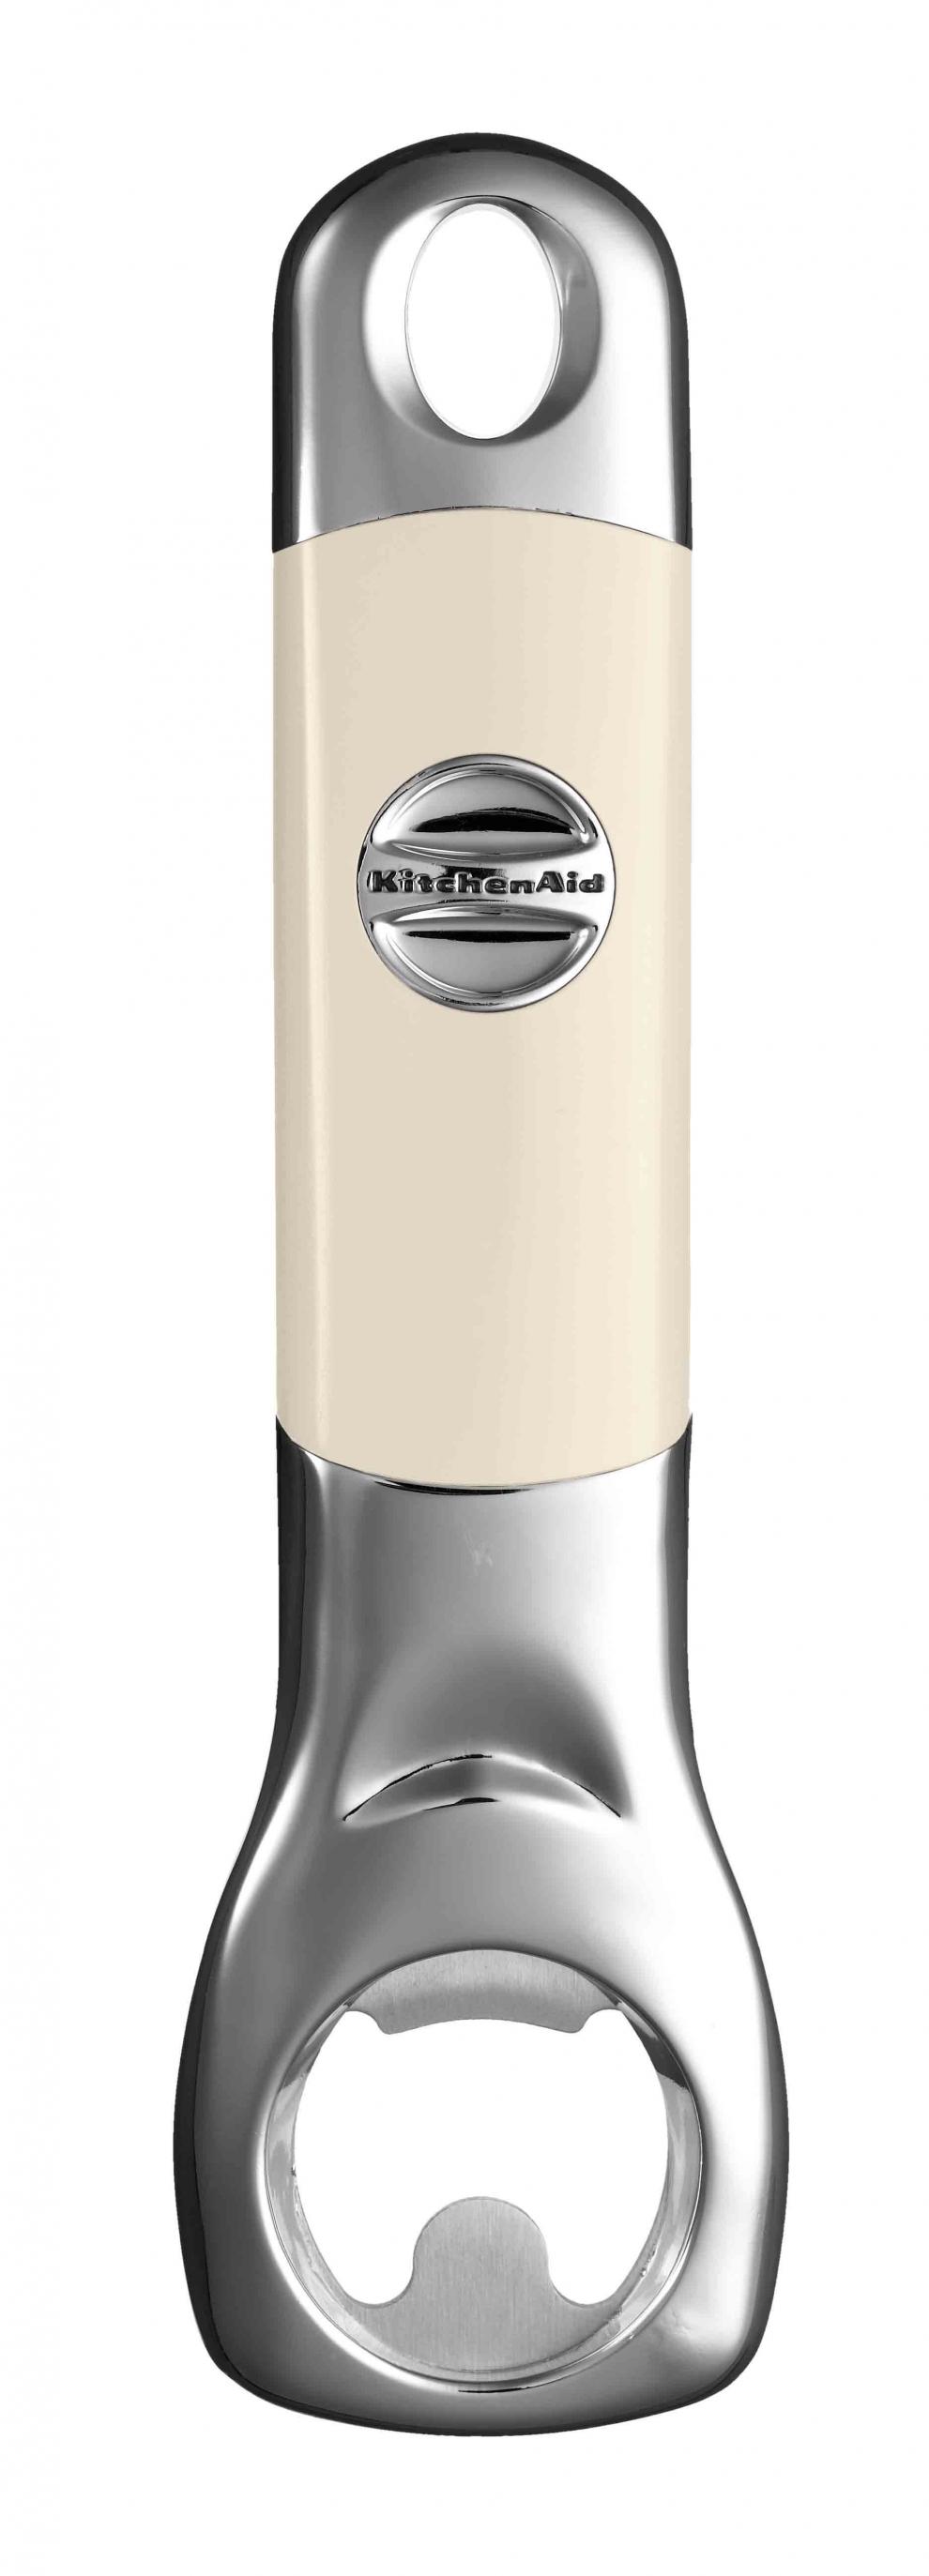 Открывалка для бутылок, кремовая, KG115AC, KitchenaidКухонные инструменты<br>Необходимым экспонатом для коллекции кухонных инструментов станет открывалка для бутылок KitchenAid. Она изготовлена из нержавеющей стали и высококачественного пластика, и как вся продукция КитченЭйд, гарантирует вам надежную и долговечную эксплуатацию. Разрешается мытье в посудомоечной машине.&#13;<br>Функциональныеи прочные, кухонные аксессуары от KitchenAid станут для вас верными помощниками. Торговая марка KitchenAid предлагает вам большой выбор кухонных аксессуаров, в числе которых - разнообразные лопатки, овощечистки, венчики, консервные ножи и т.п. Великолепный комплект, состоящий из ультрасовременных профессиональных гаджетов, будет прекрасным дополнительным аккордом для планетарного миксера Китченэйд.&#13;<br>Каждый стальной/силиконовый аксессуар разработан для неутомимых энтузиастов кулинарии и творчества, стремящихся достичь в своем деле идеального результата. Оригинальный дизайн утвари и приспособлений полностью отвечает стилистике всей линейки бытовой техники от KitchenAid. Практичные аксессуары изготавливают из нержавеющей стали и покрывают их жаростойким силиконом, выдерживающим температуру до +260° С. Аксессуары из силикона – наилучшее решение для кухни, ведь они подходят для посуды любого вида, в том числе – для антипригарной.&#13;<br>Бутылочная открывалка – долговечный истильный гаджет для кухни, дополняющий коллекцию практичных аксессуаров.&#13;<br>&#13;<br>Гарантия - 12 месяцев&#13;<br>Изготовлена из стали нержавеющей (сплав 18/8)&#13;<br>Пригодна для мытья в обычной посудомоечной машине&#13;<br>Длина - 18 см.&#13;<br>&#13;<br><br>